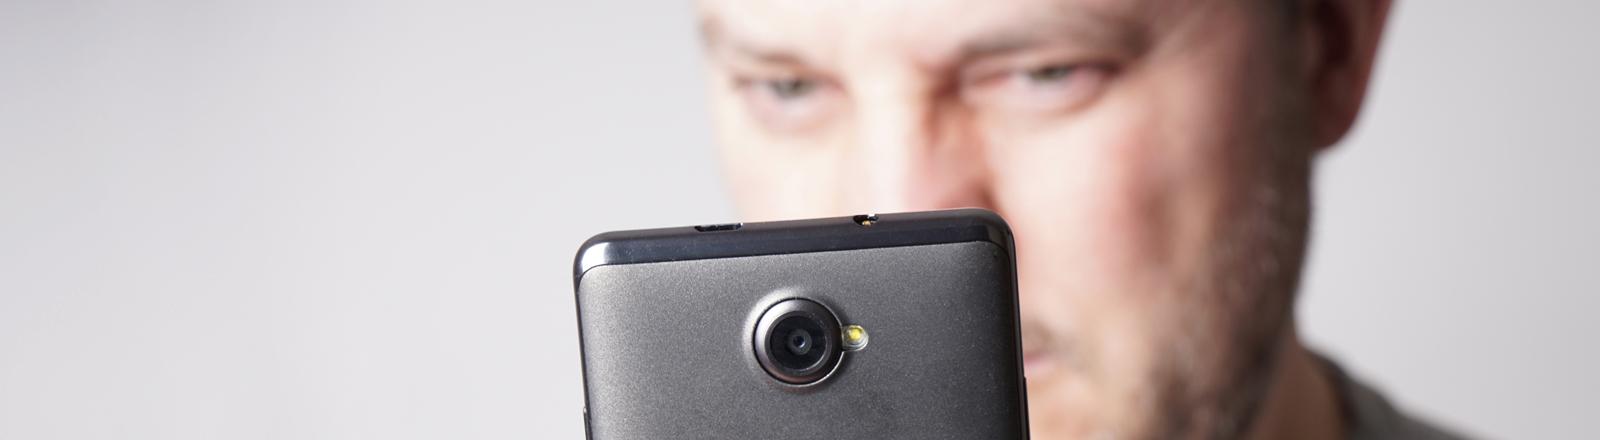 Ein Mann filmt mit einem Smartphone